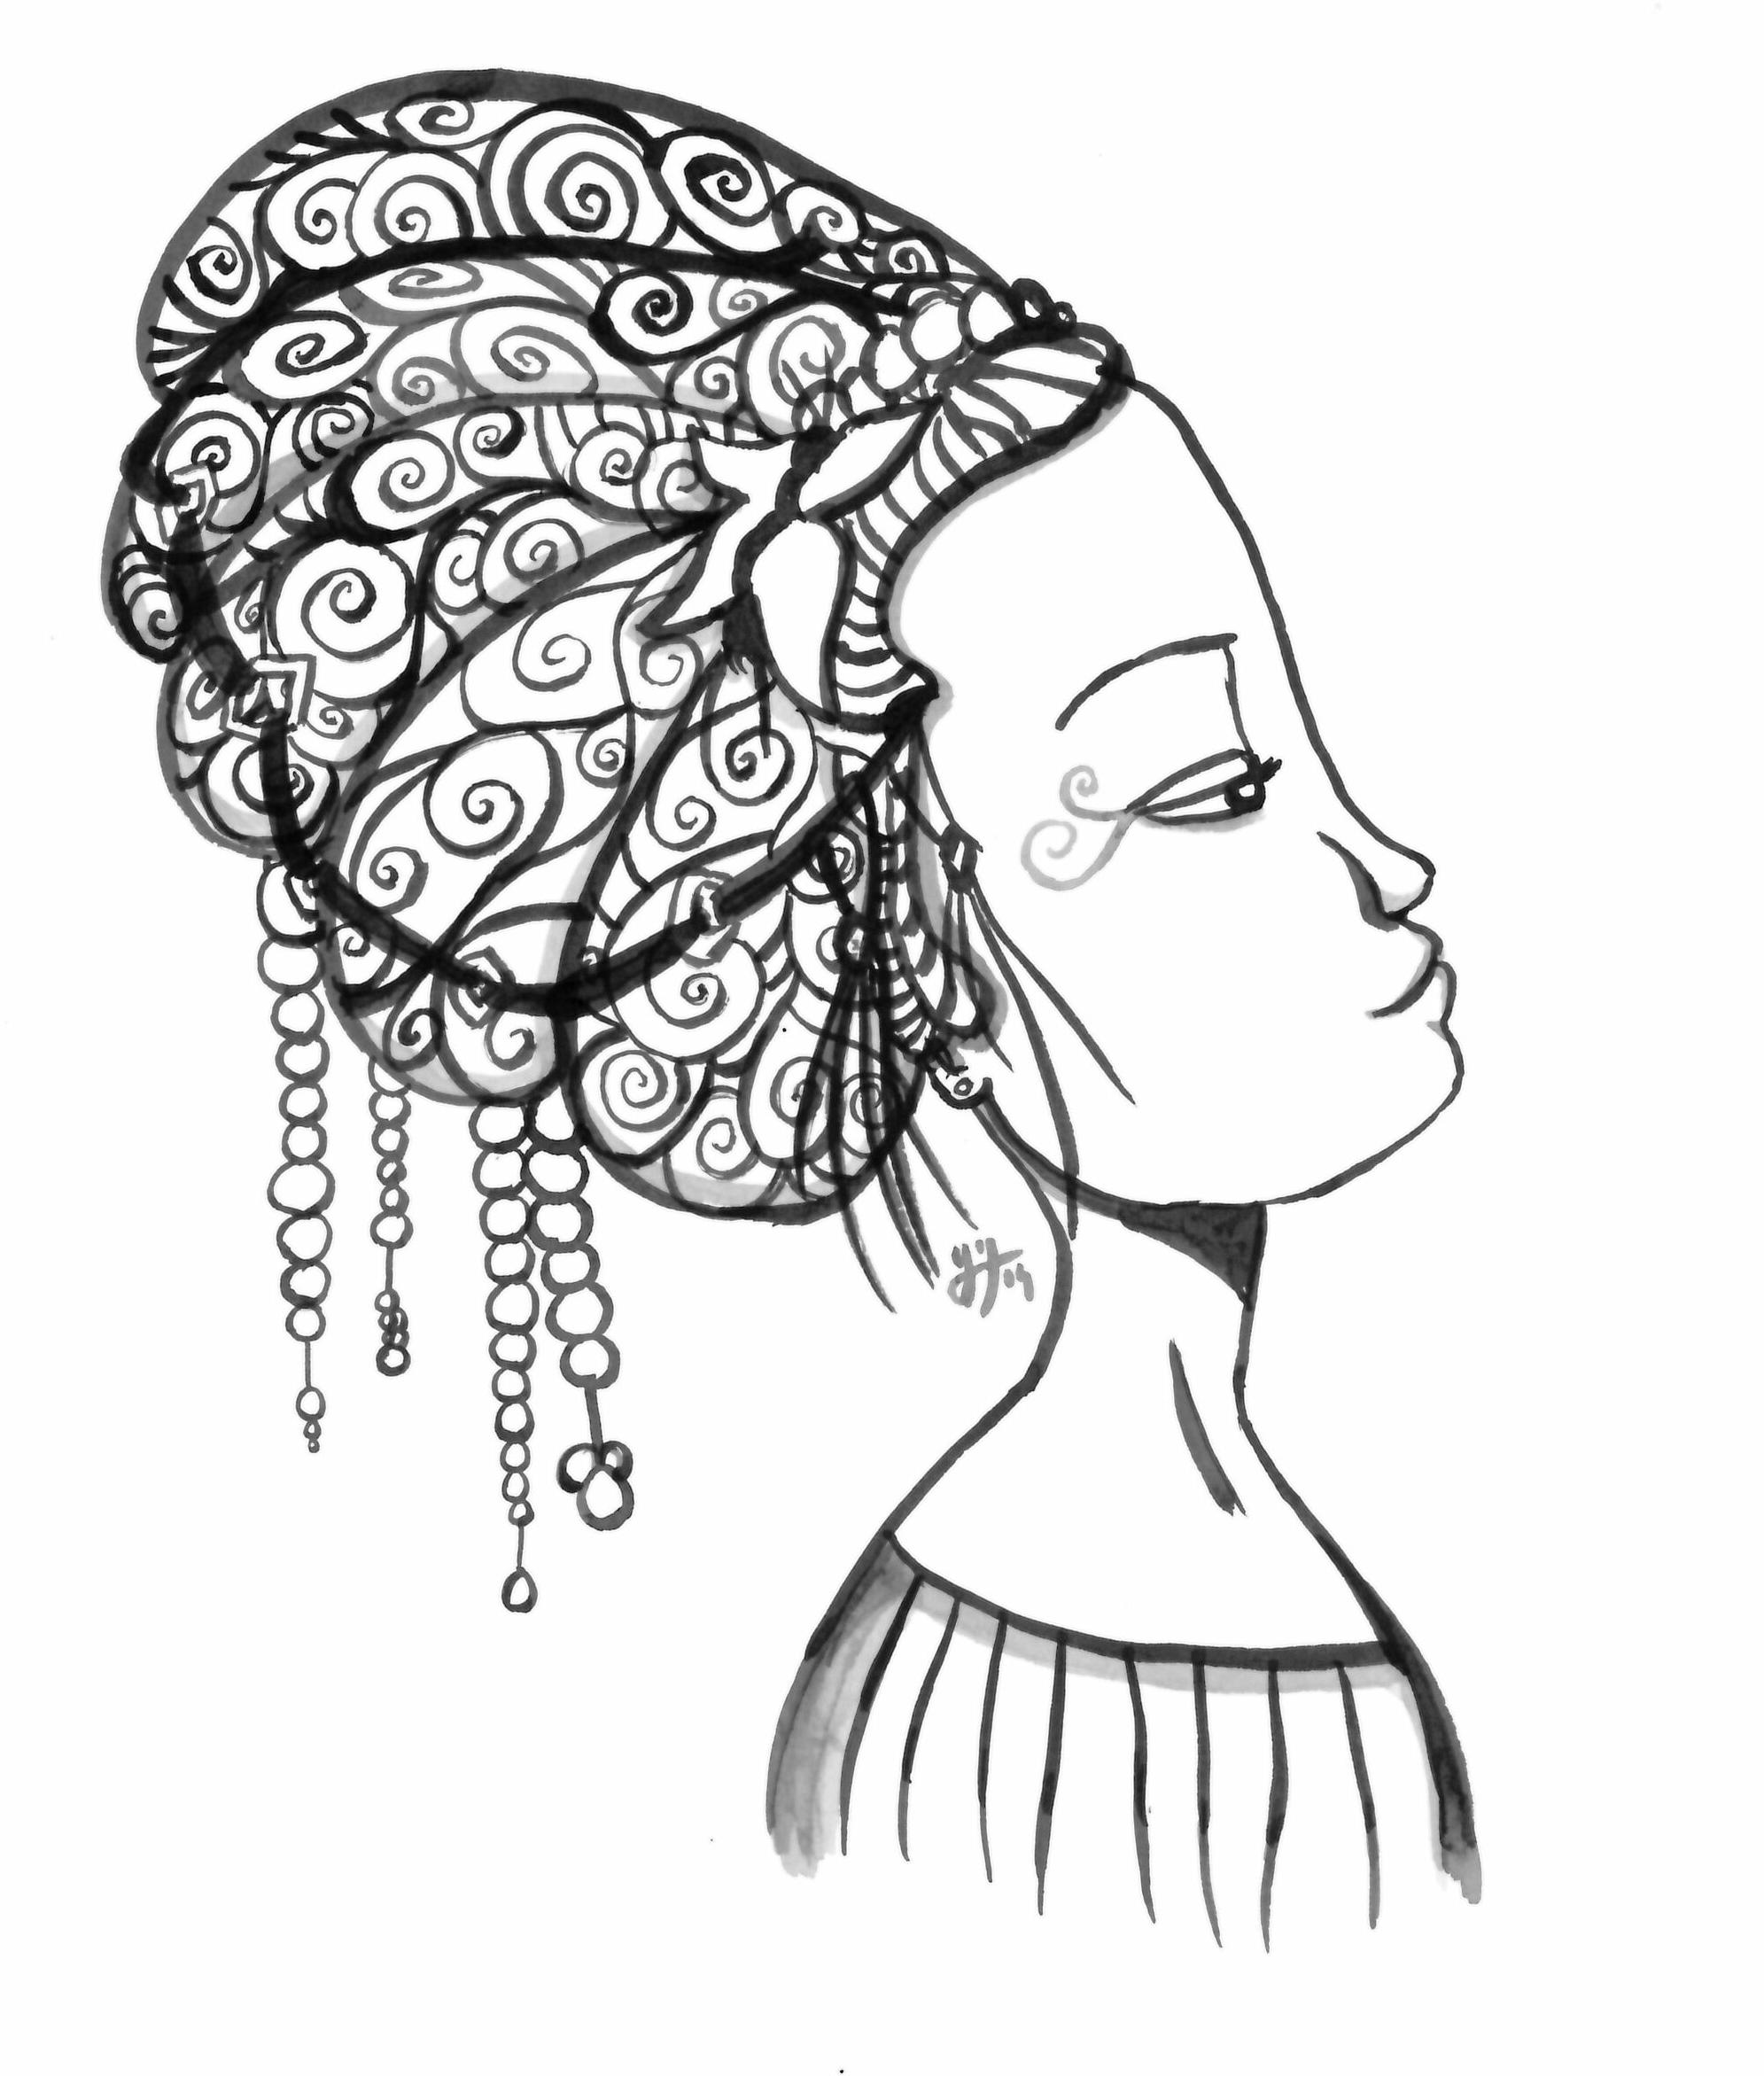 Le principe : dessiner un portrait directement au pinceau. J'ai utilisé, bha, un pinceau, et de l'encre de Chine.